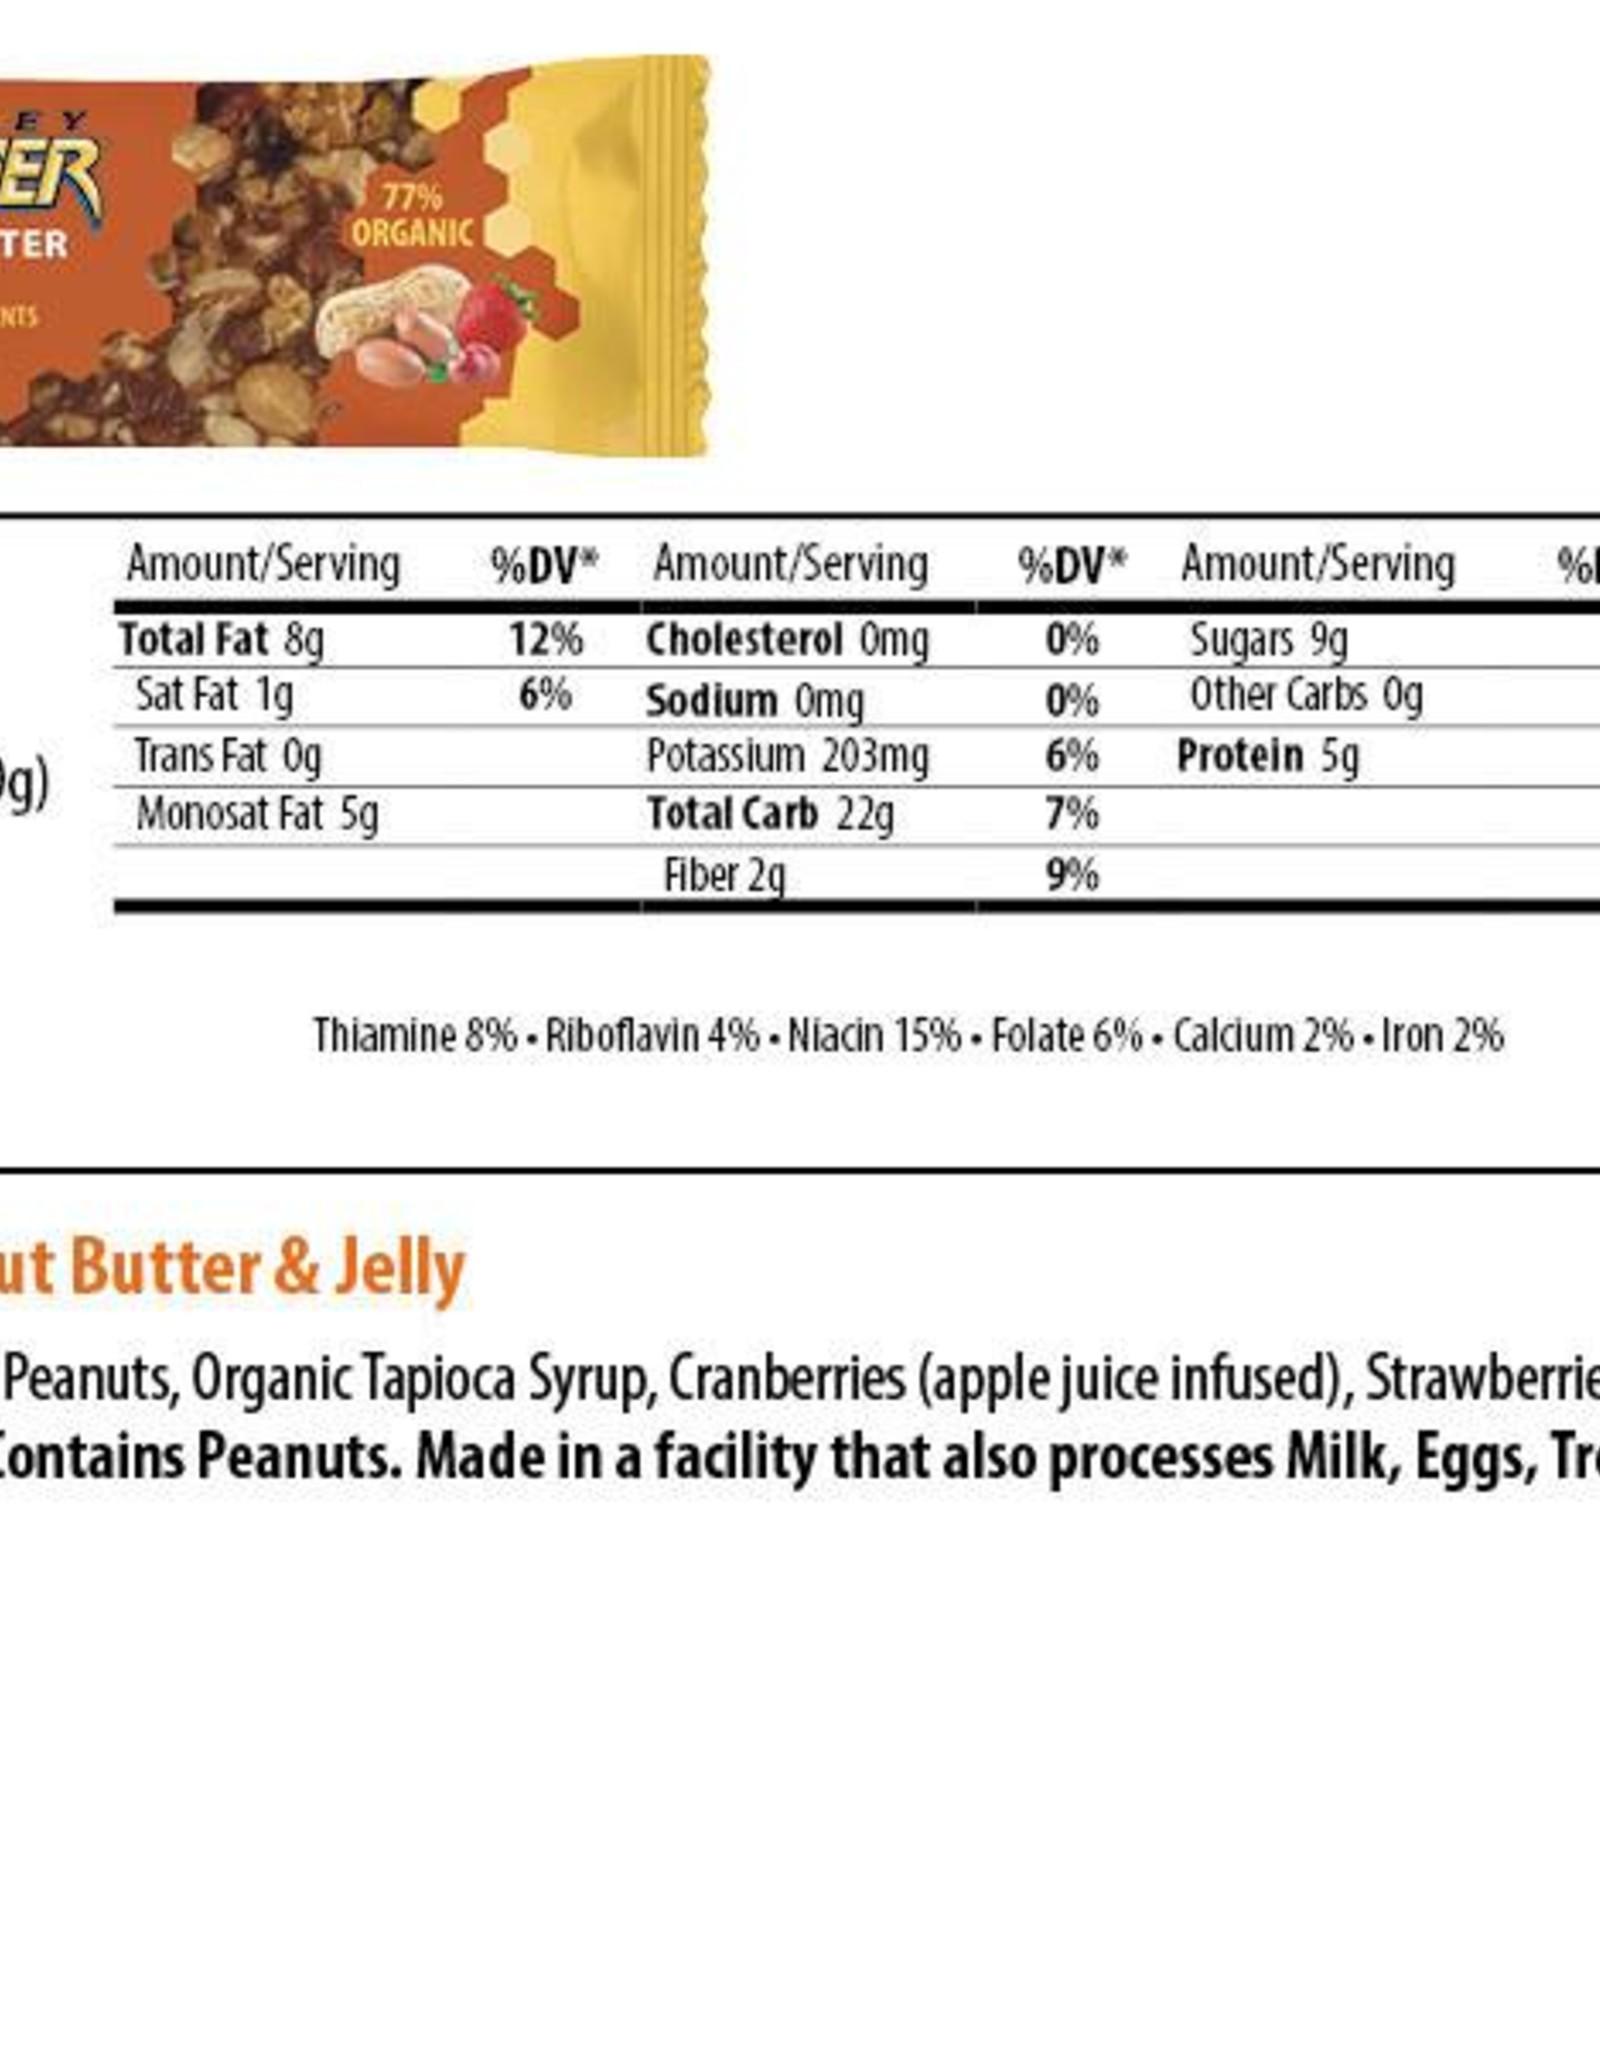 Honey Stinger Honey Stinger Organic Peanut Butter and Jelly Snack Bar